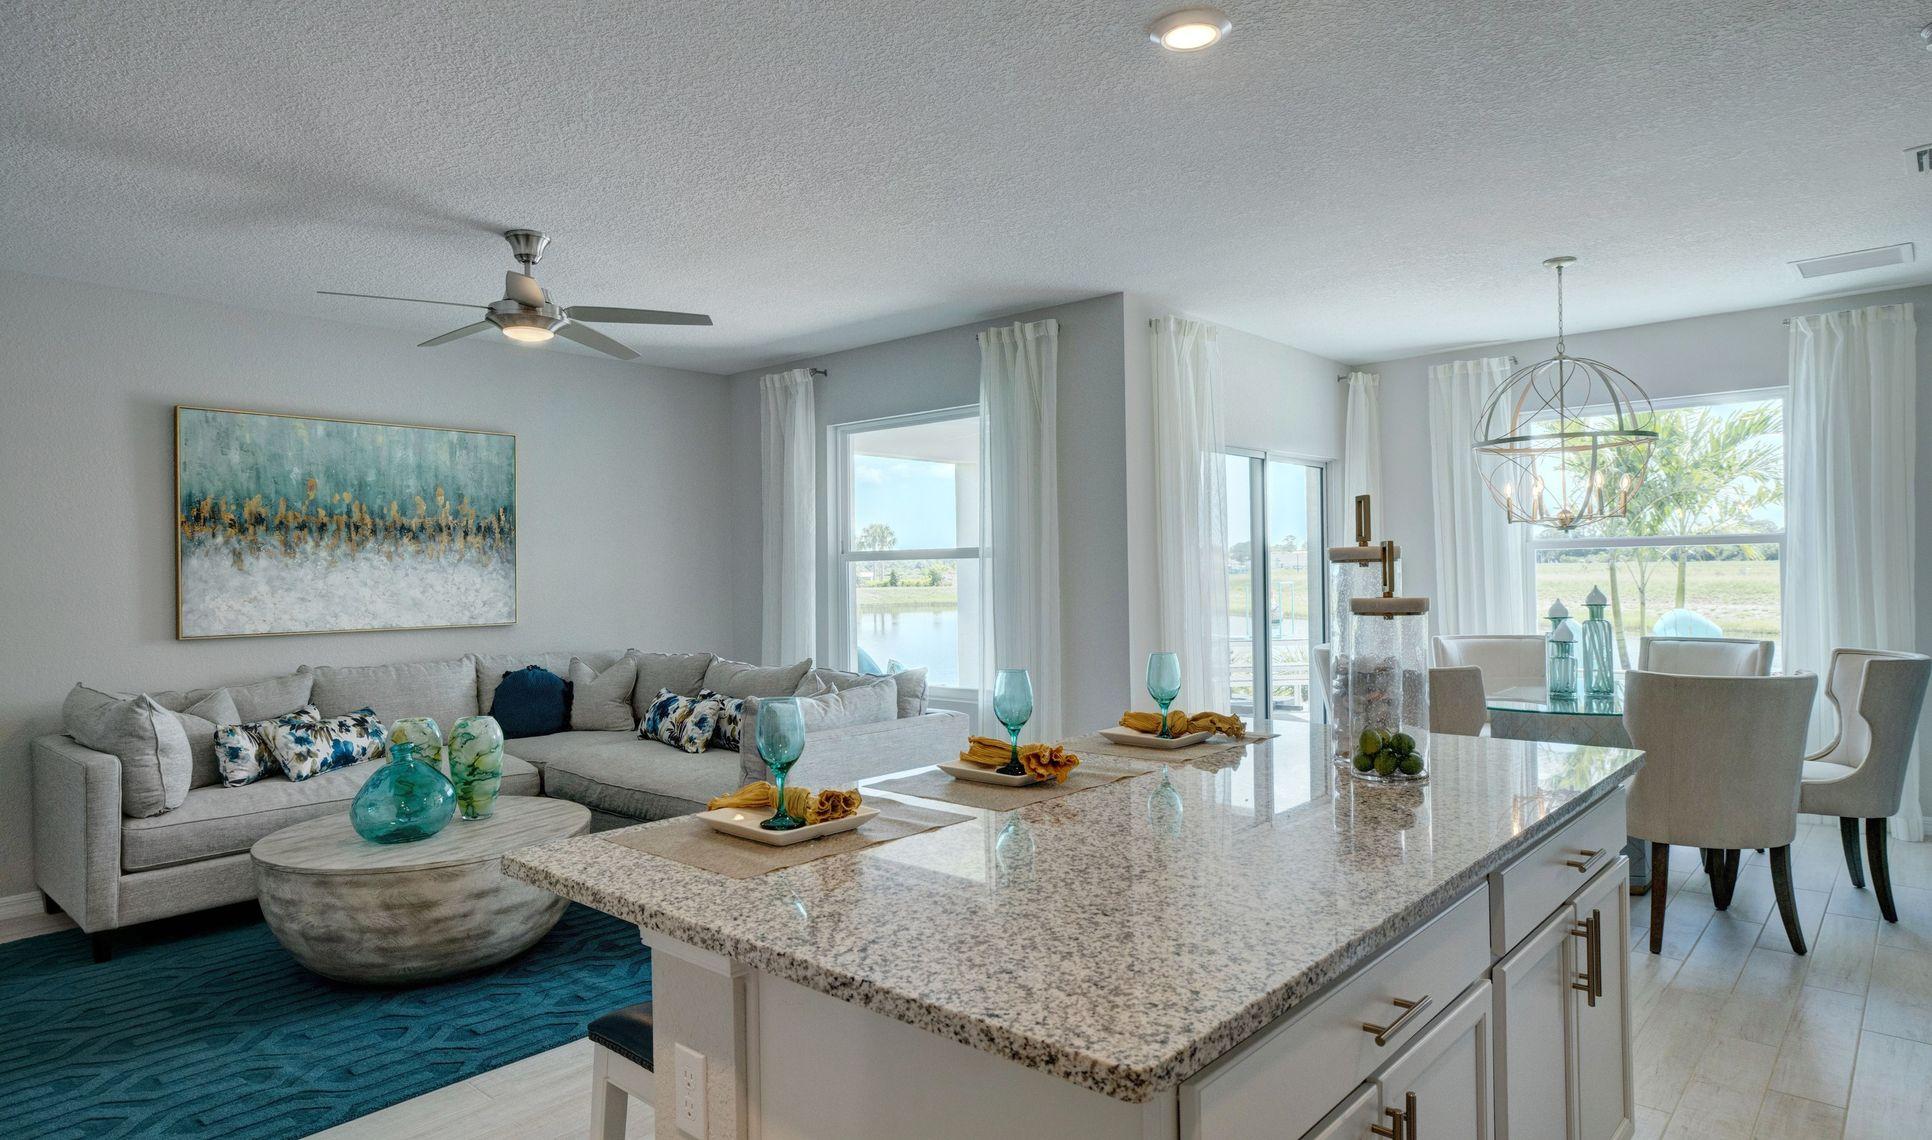 Interior:Kitchen overlooking great room